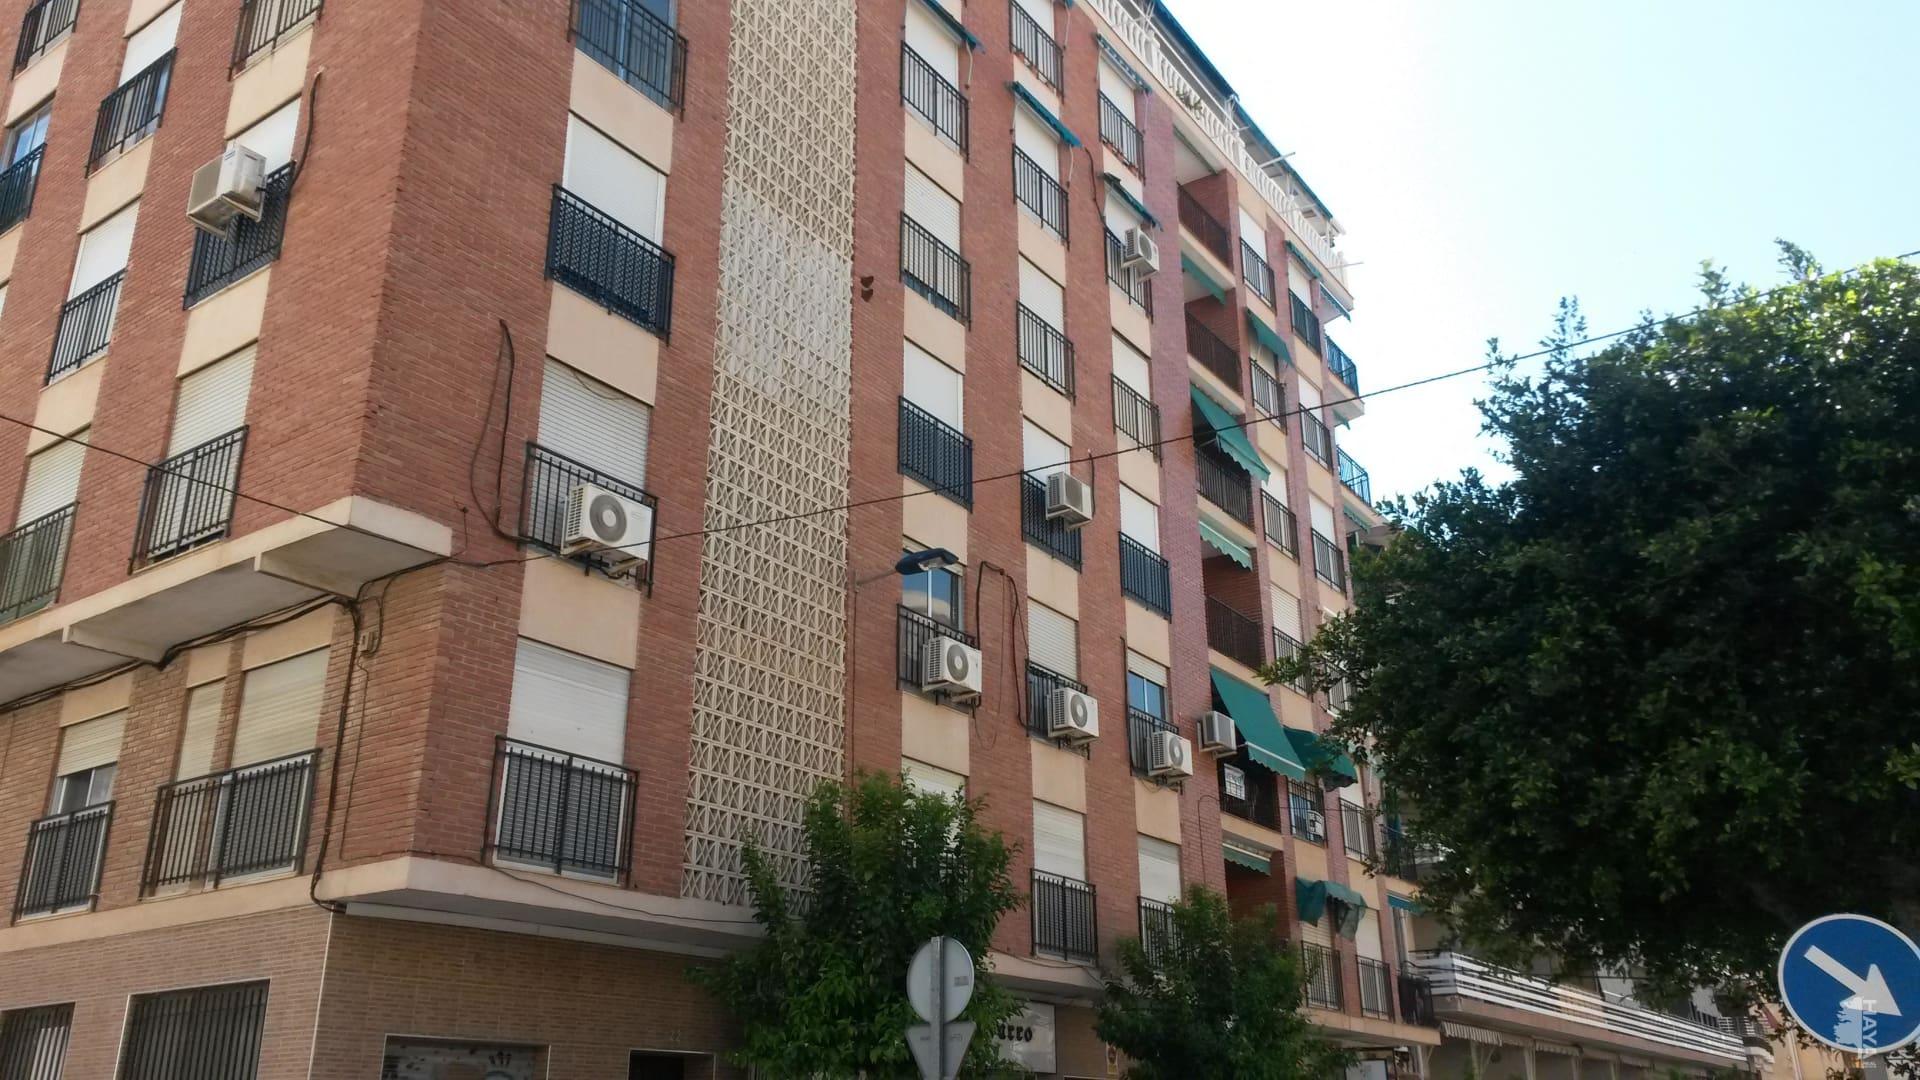 Piso en venta en Santa Pola, Alicante, Calle Virgen del Carmen, 106.100 €, 2 habitaciones, 2 baños, 81 m2